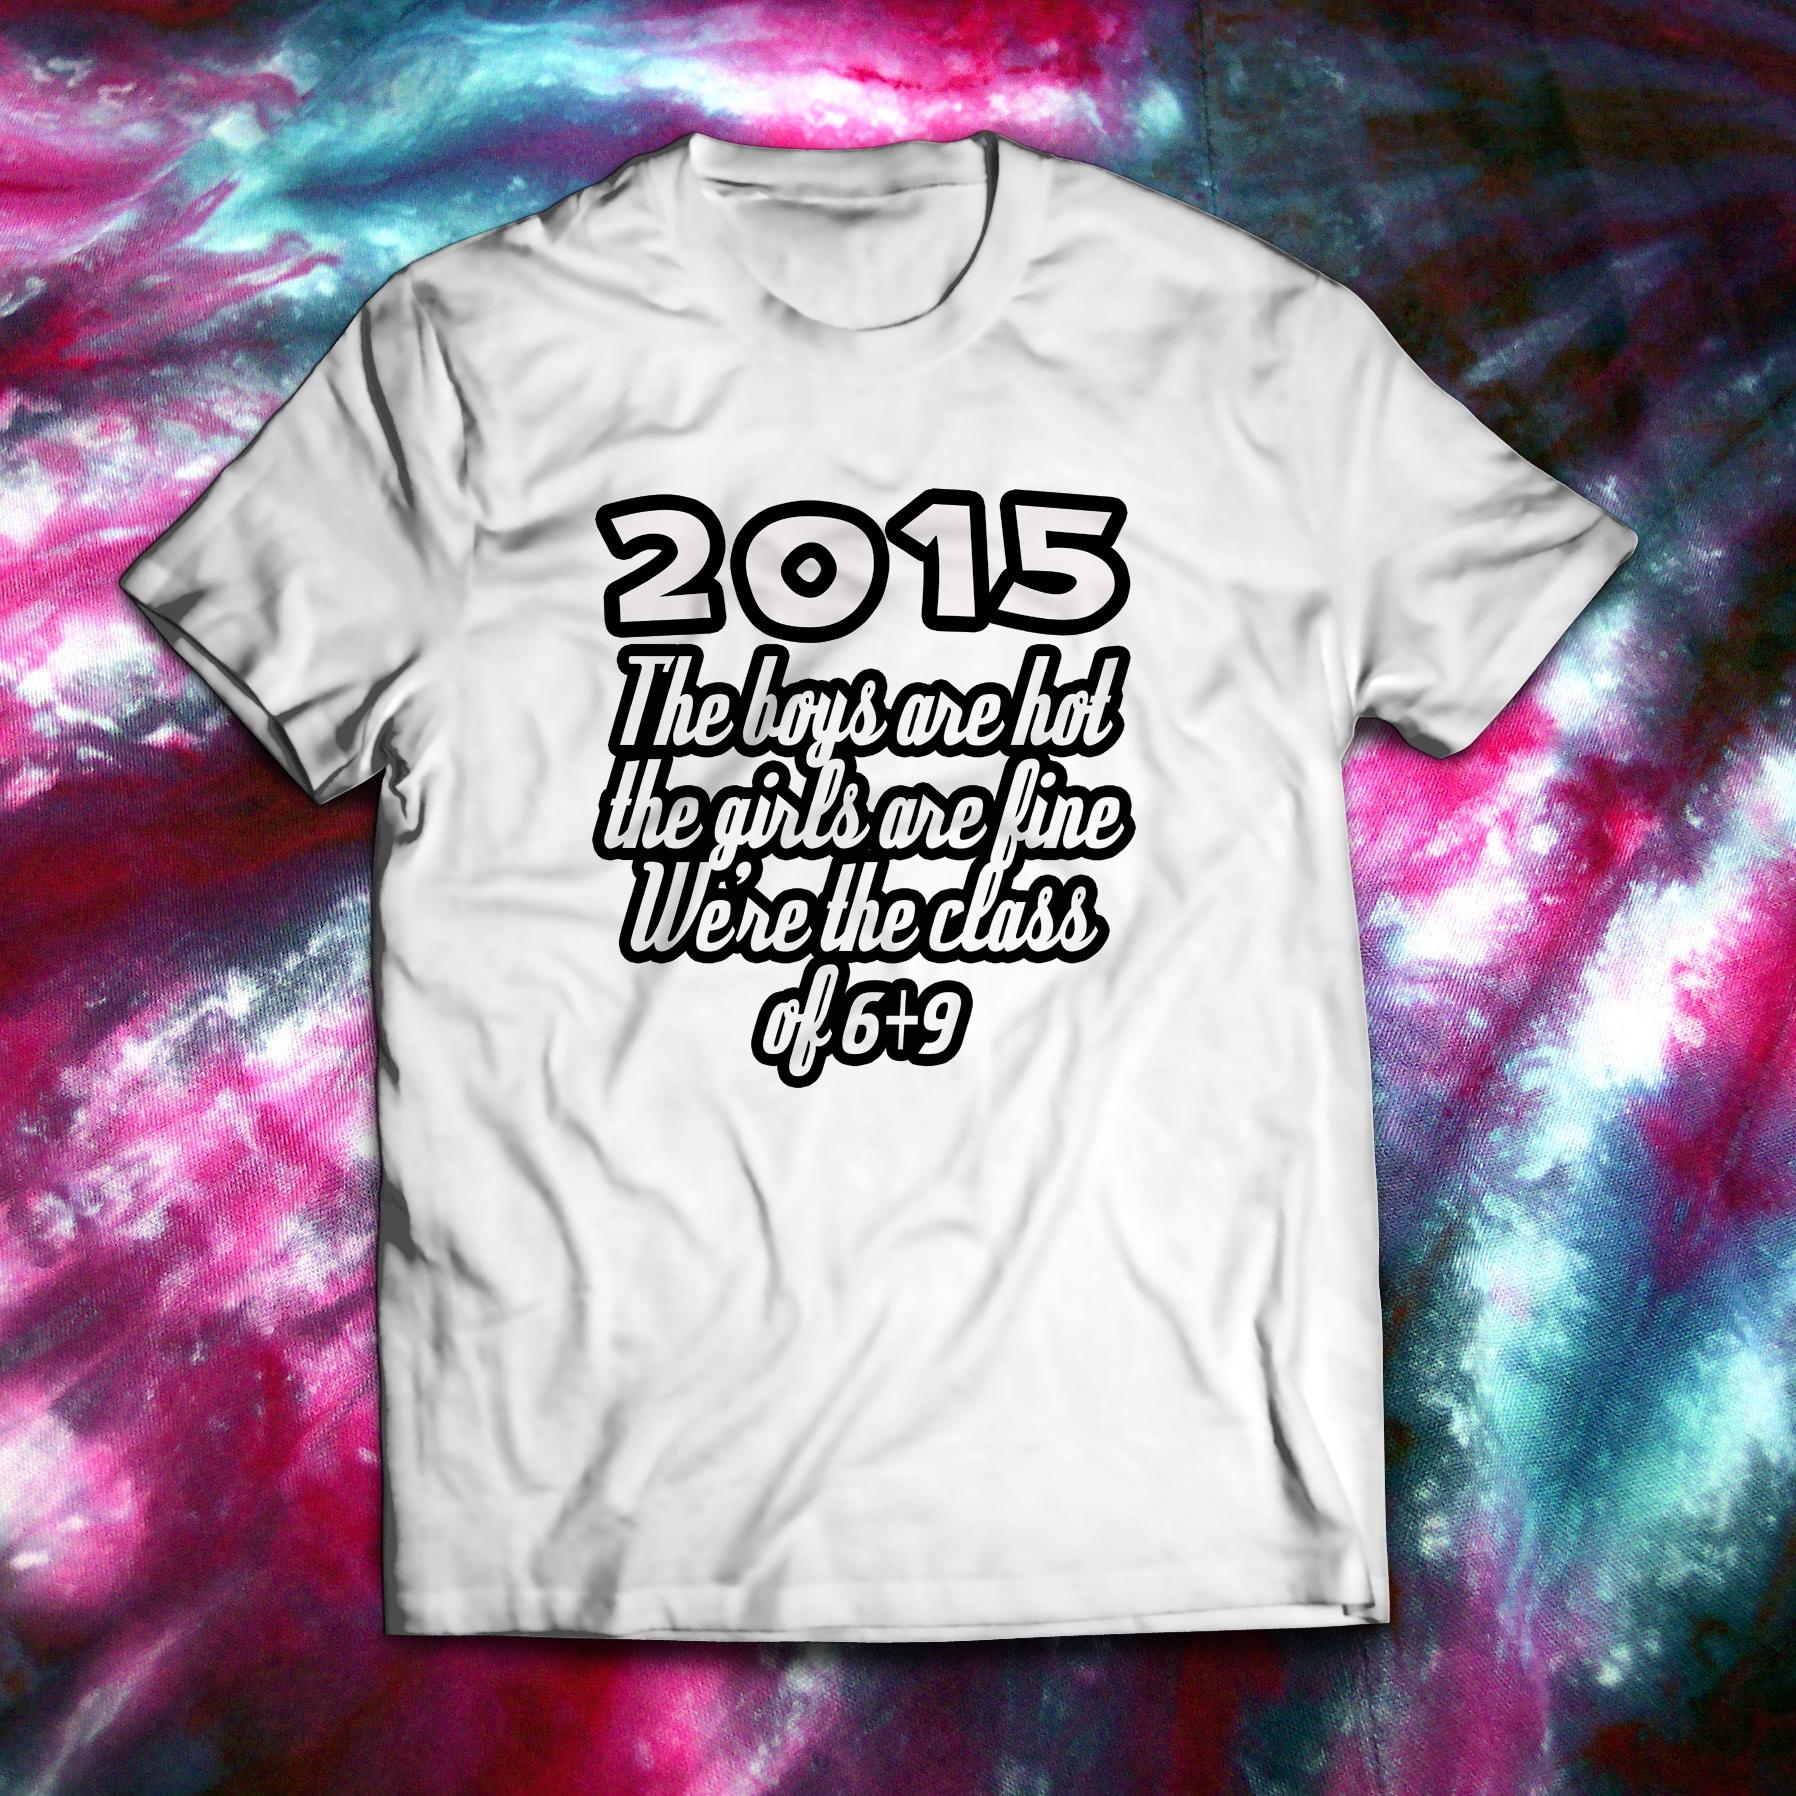 Class of 2015 Slogans – Shout Slogans